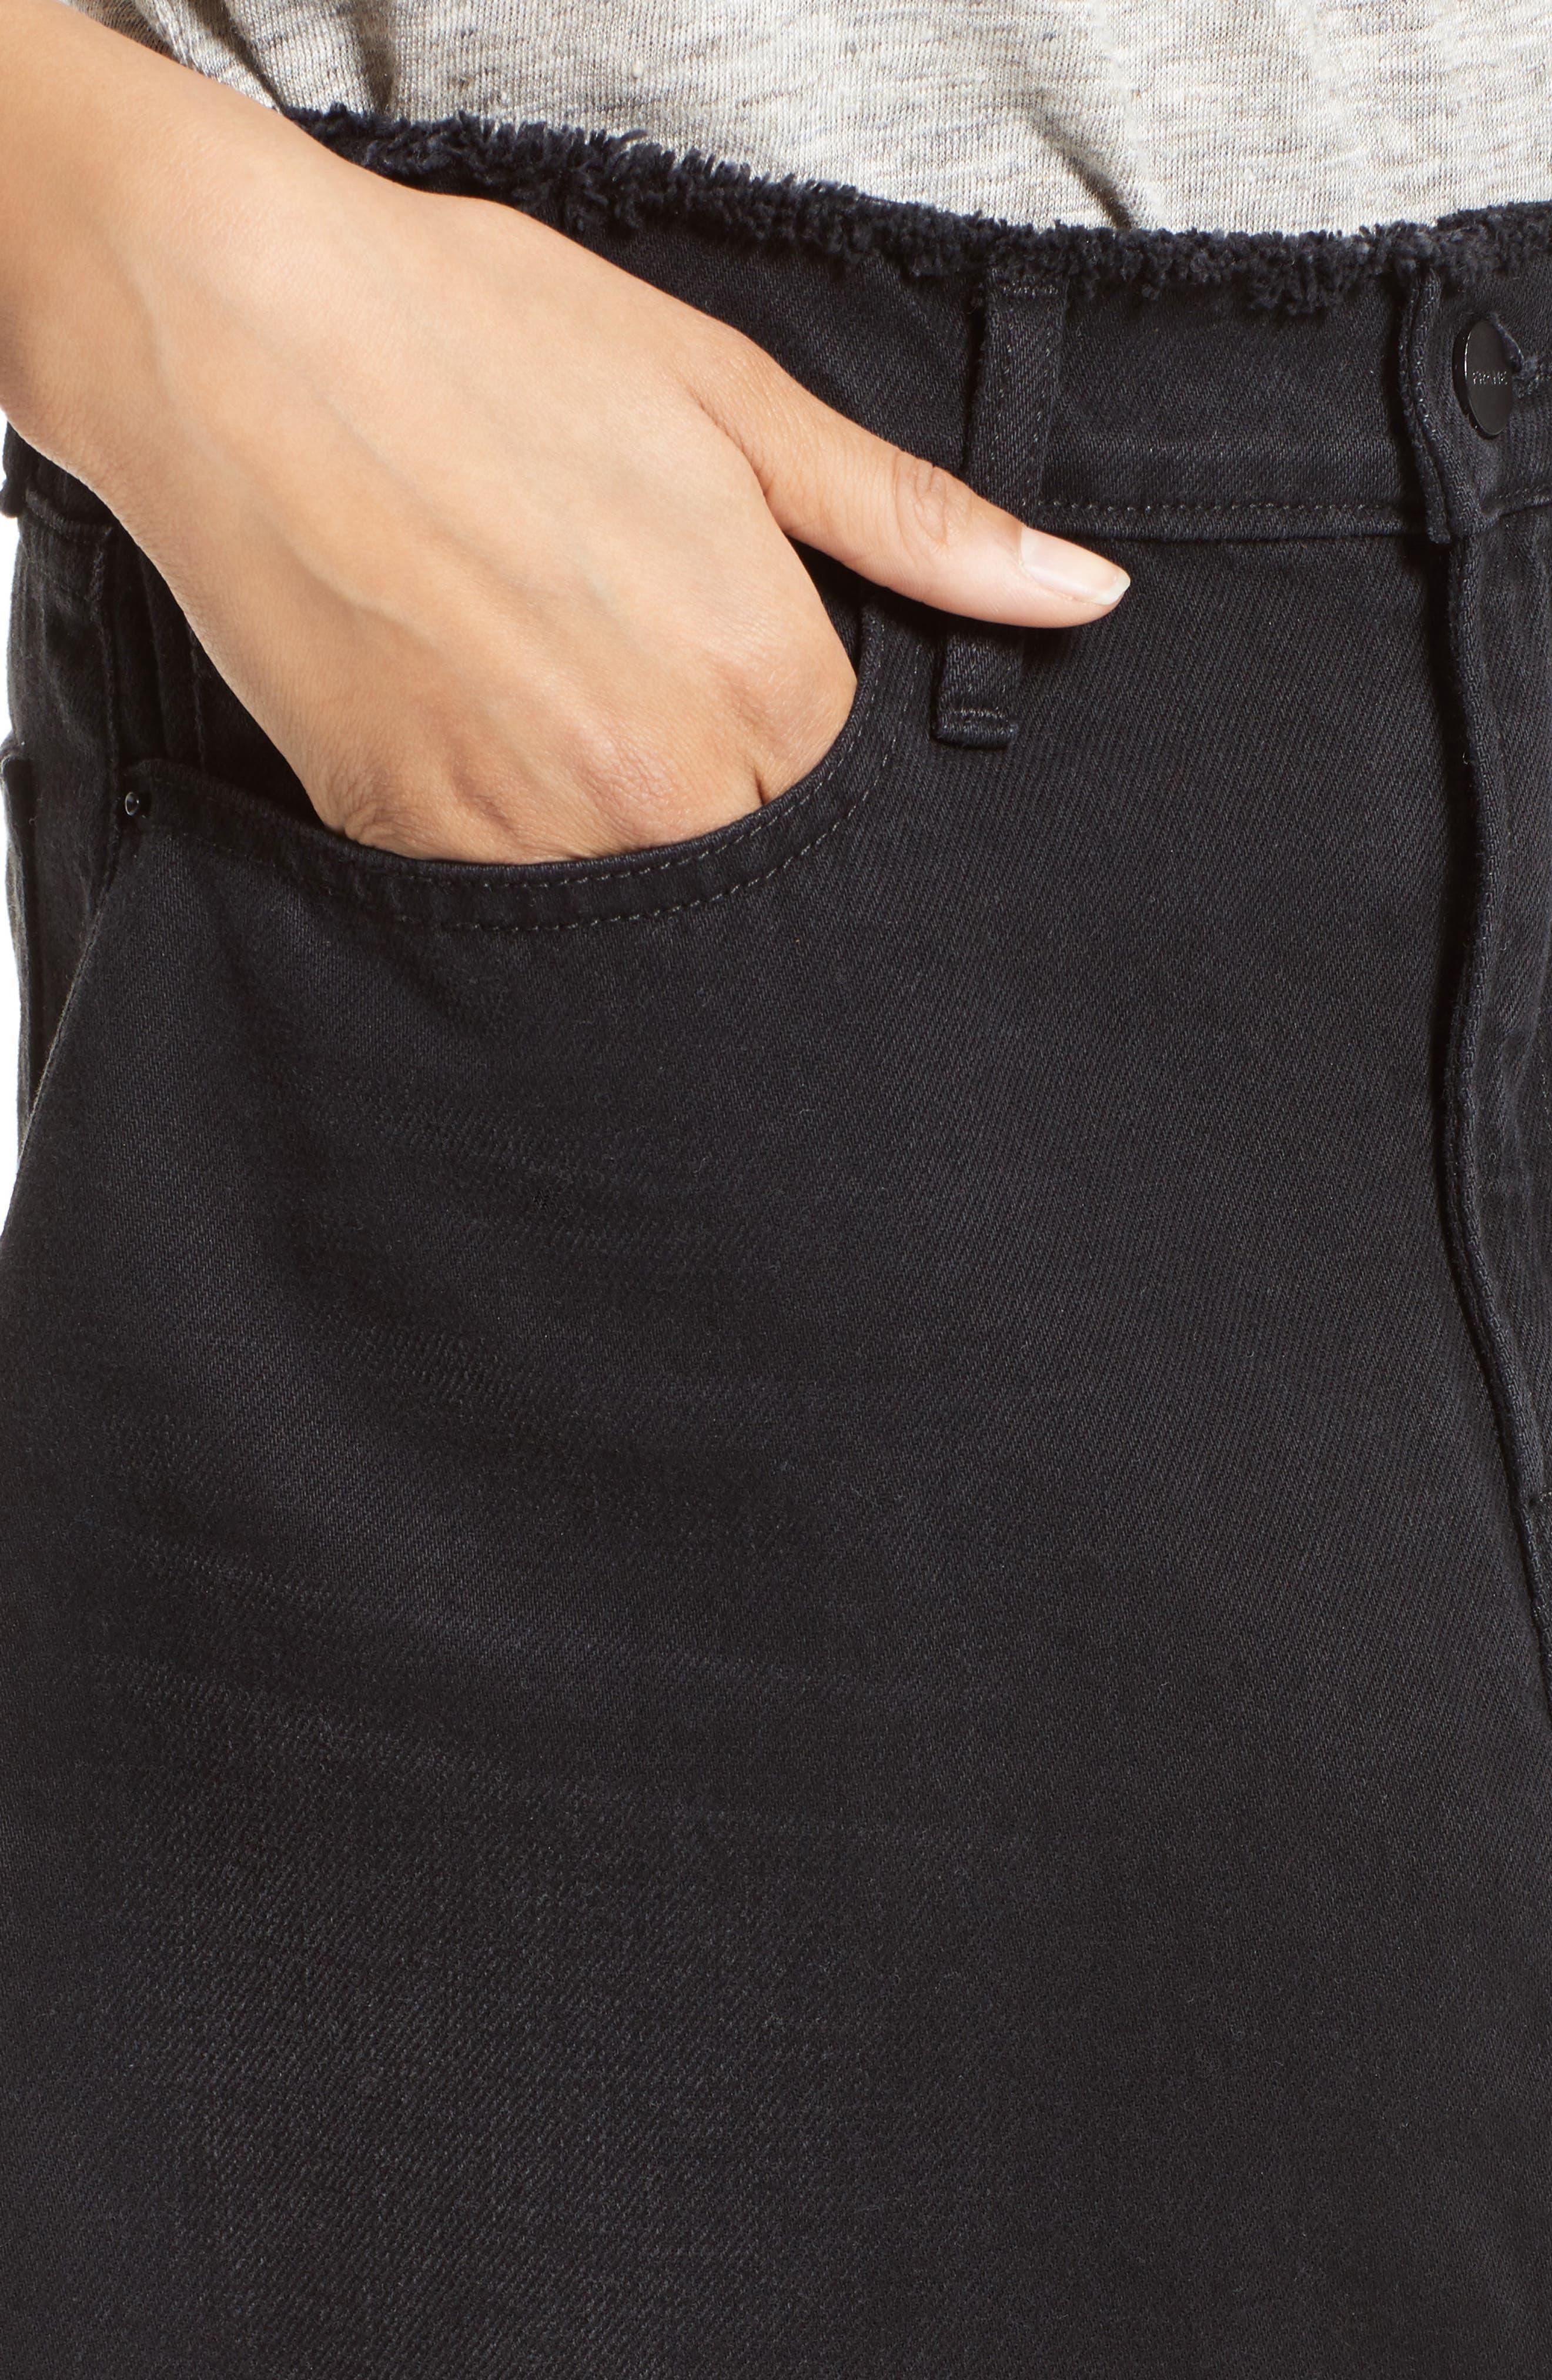 Le Mini Denim Skirt,                             Alternate thumbnail 4, color,                             001